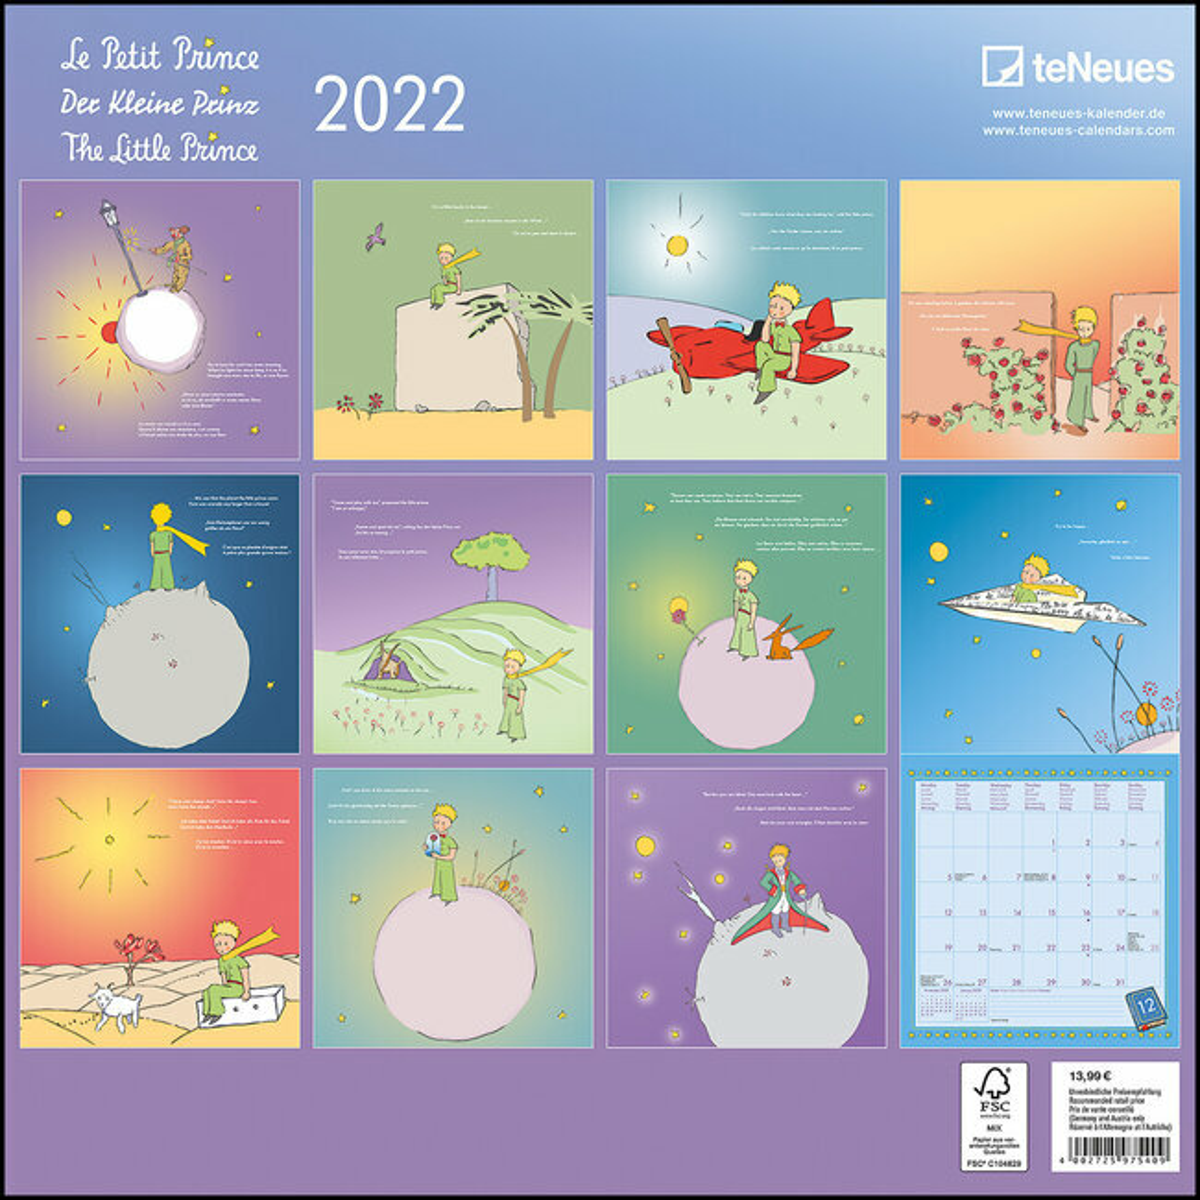 Petit Calendrier 2022 calendrier Le petit prince 2022